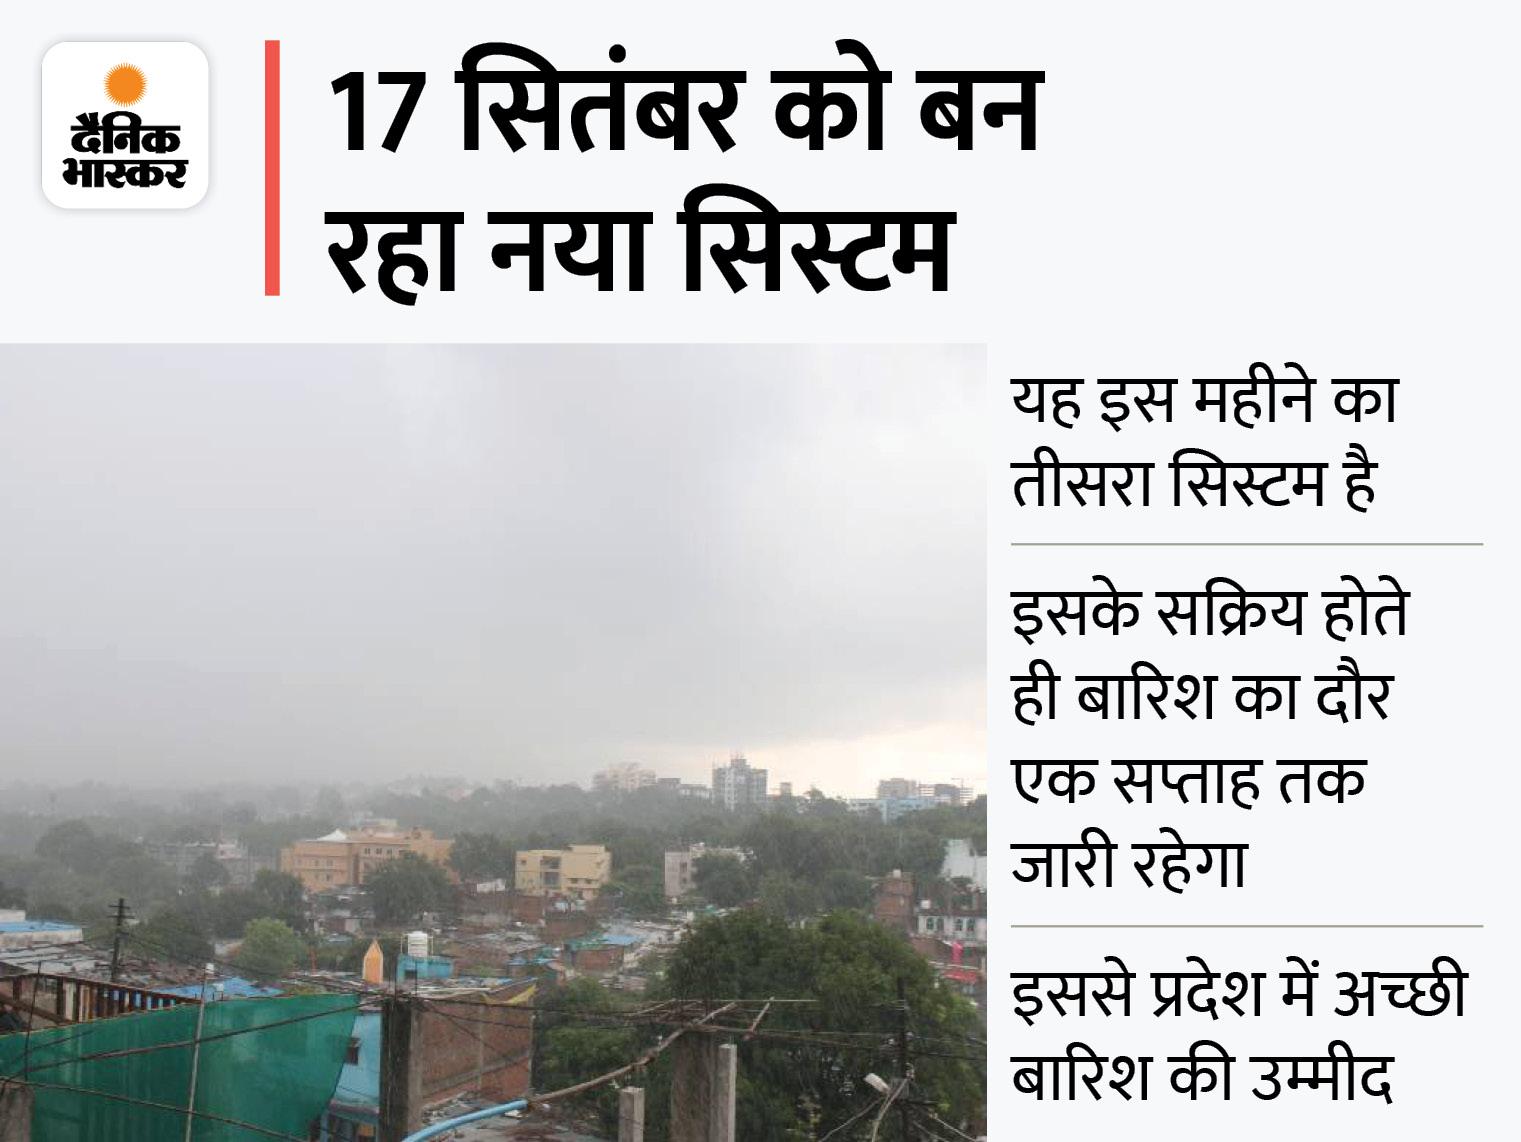 अगले 24 घंटों के दौरान भोपाल में तेज, इंदौर में रिमझिम बारिश होगी; 14 जिलों में भारी बारिश की चेतावनी|मध्य प्रदेश,Madhya Pradesh - Dainik Bhaskar